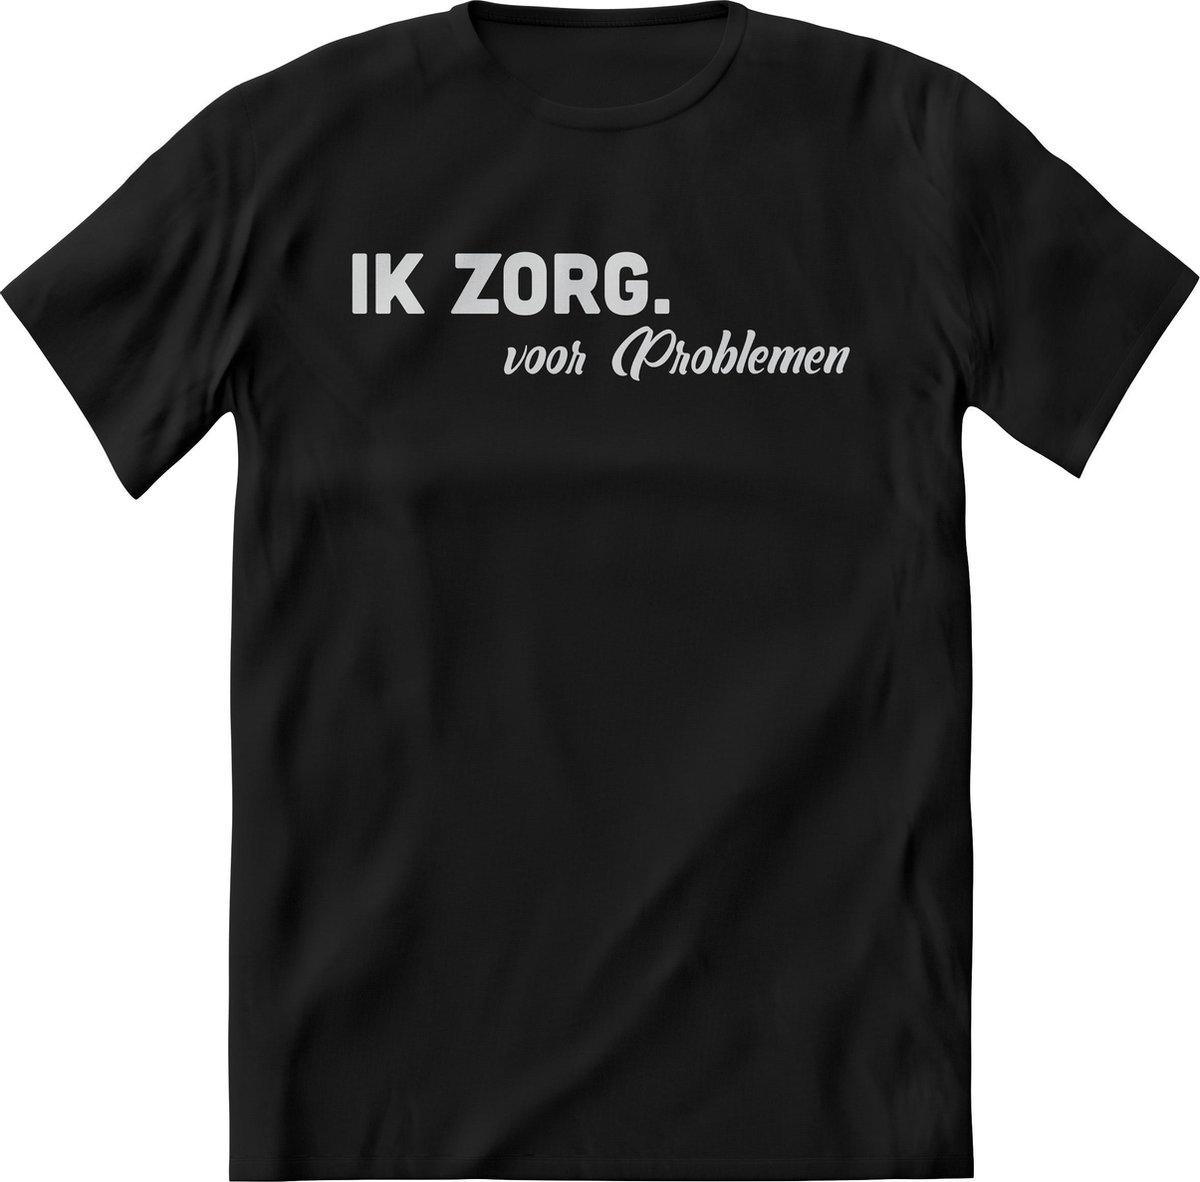 Ik zorg voor problemen shirt Heren / Dames – Grappige teksten, quotes, uitspaak en kreten – Perfect T-Shirt cadeau korte mouw - Maat XXL